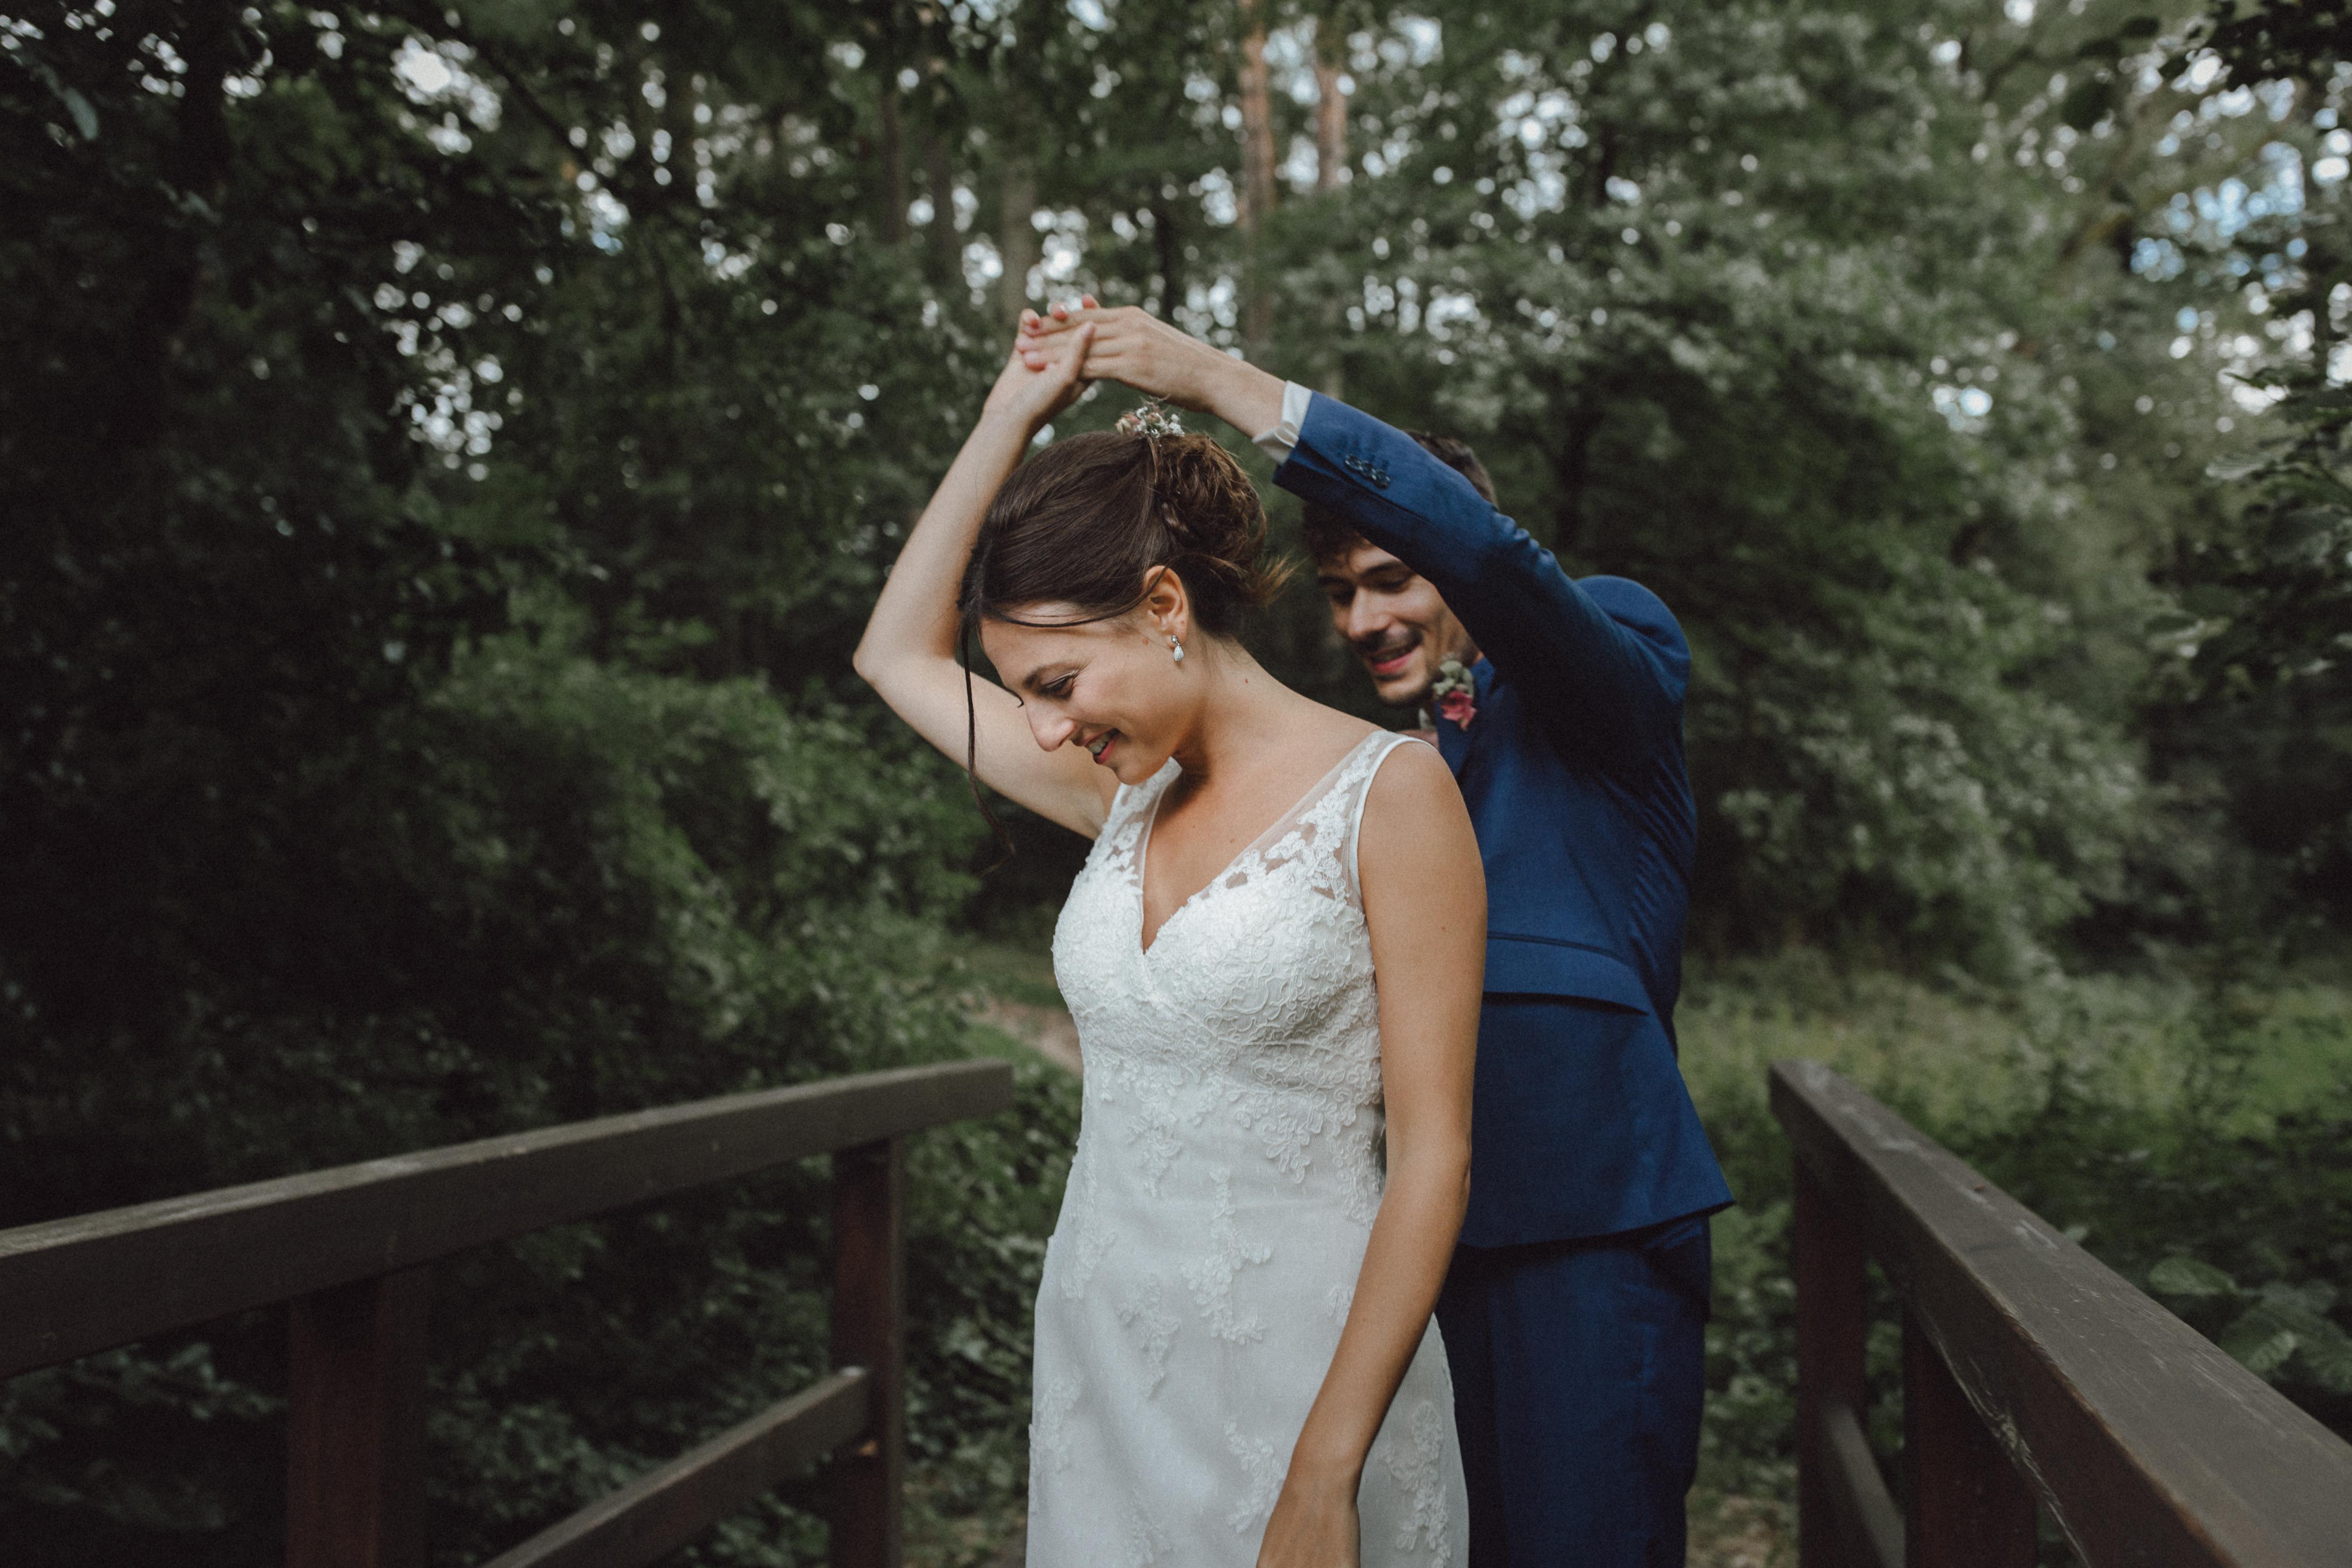 URBANERIE_Hochzeitsfotografin_Nürnberg_Fürth_Erlangen_Schwabach_170715_001_0035